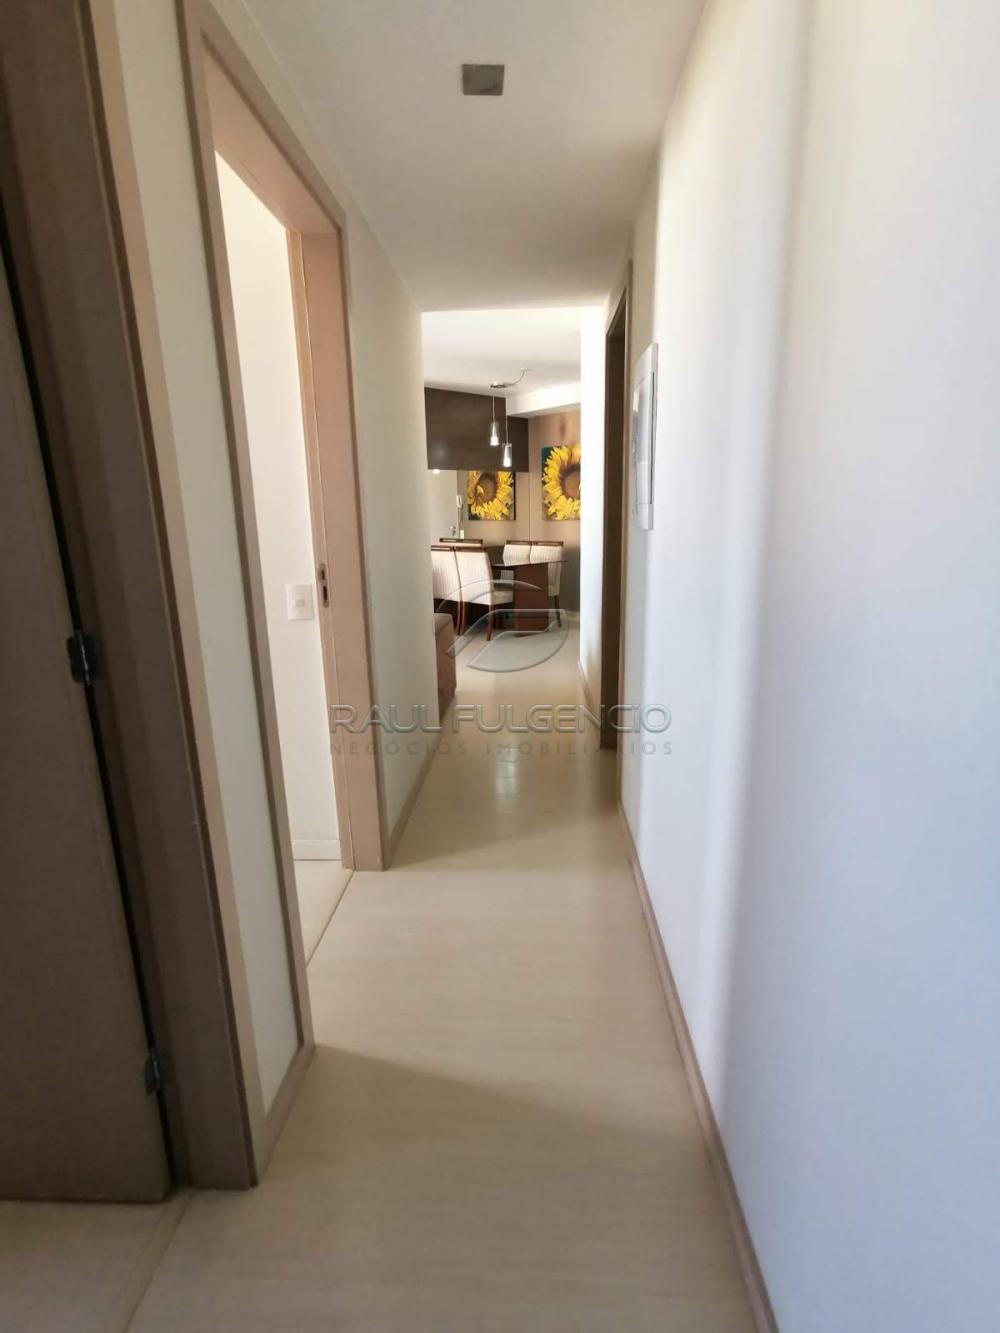 Comprar Apartamento / Padrão em Londrina apenas R$ 340.000,00 - Foto 26